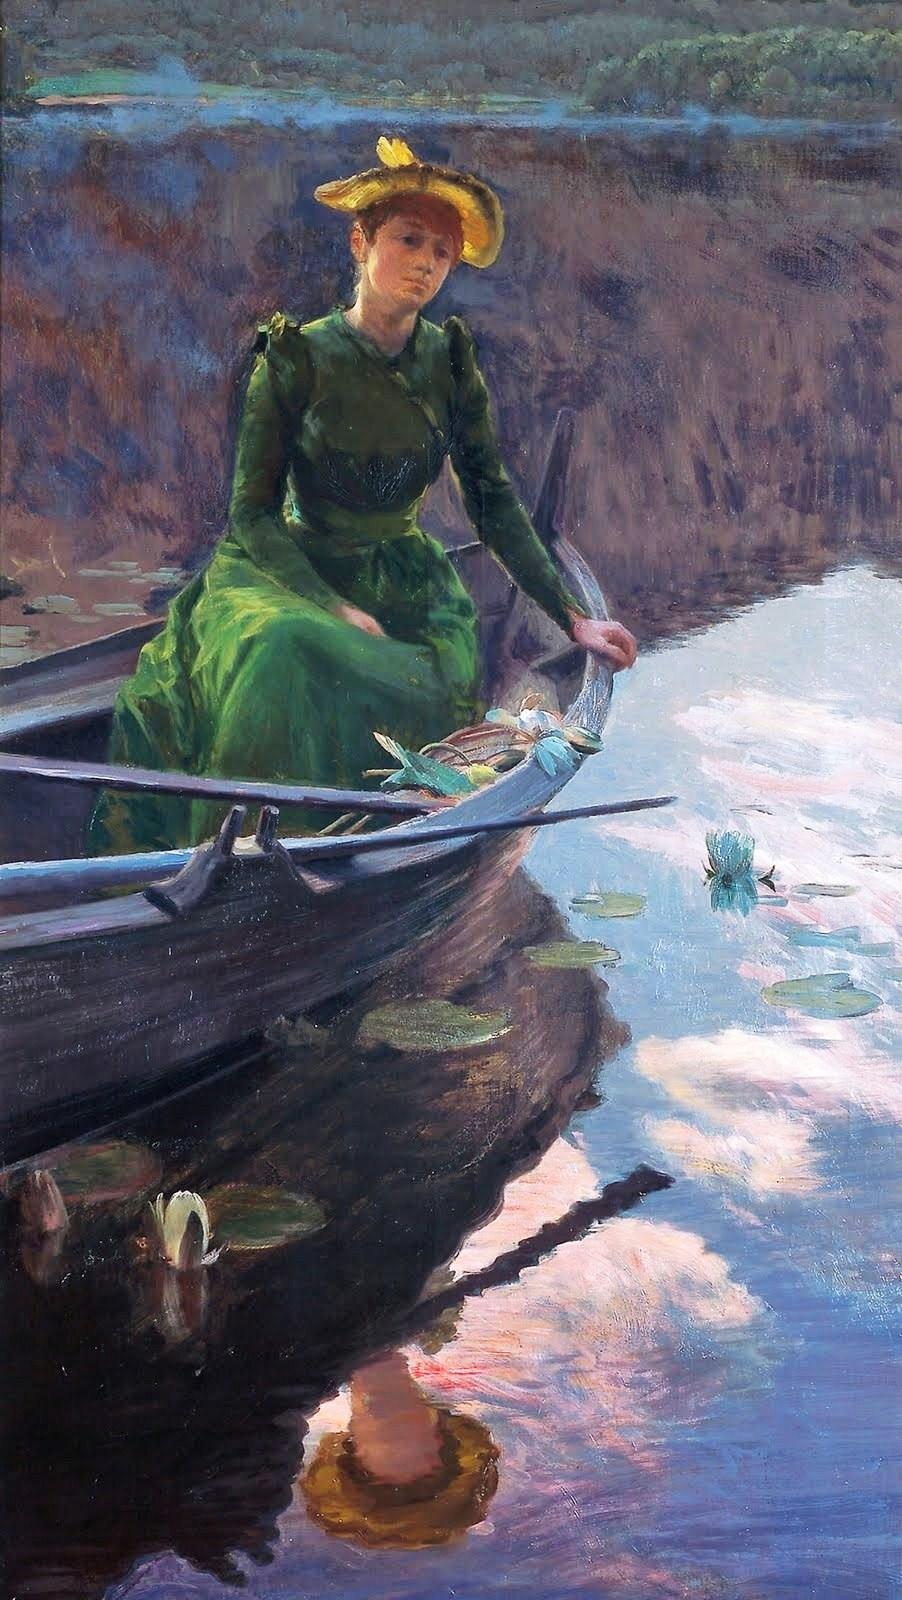 Christian Skredsvig (Norwegian painter, 1854–1924) 'Aften på innsjøen' 1892